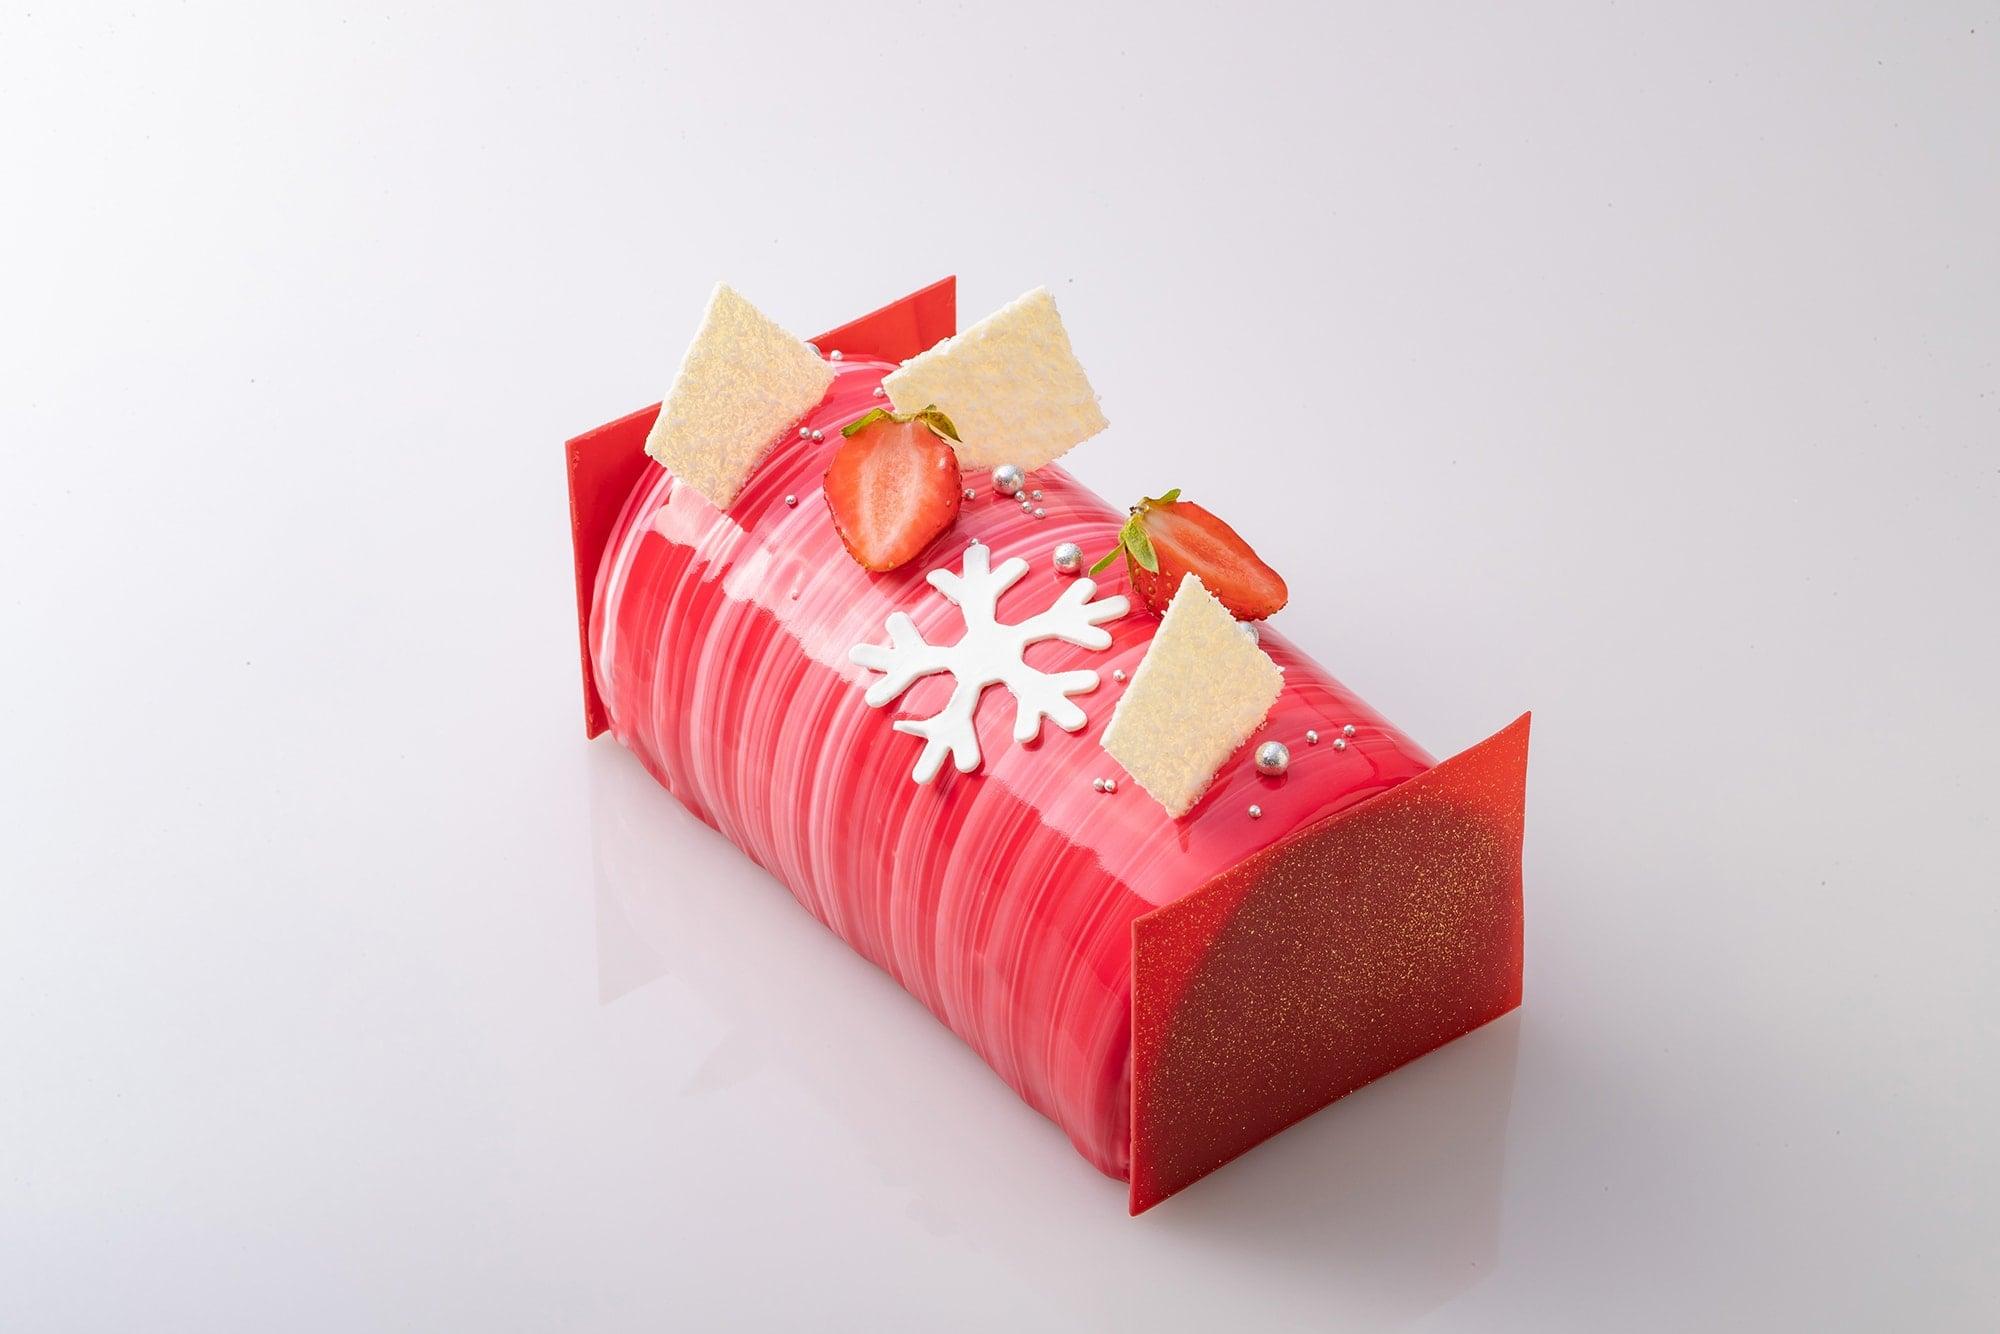 コンラッド大阪「ブッシュ・ド・ベリー・クリスマス」(5,500円)